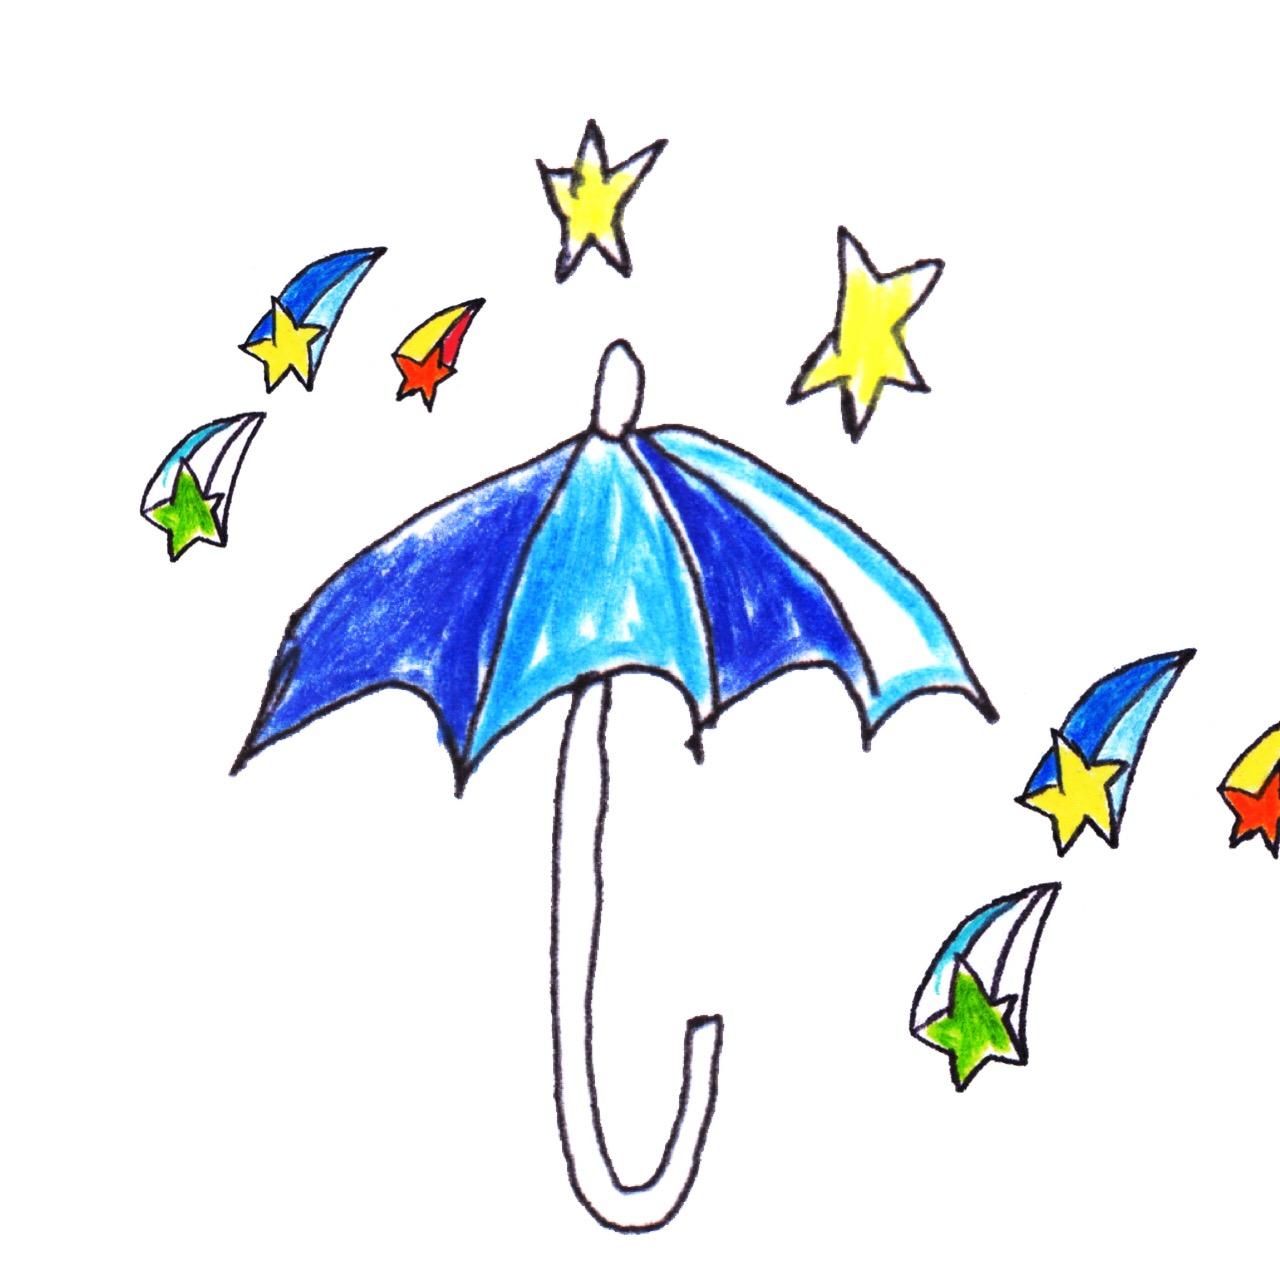 雨の日のおやつ☂♥_f0168650_1918184.jpg